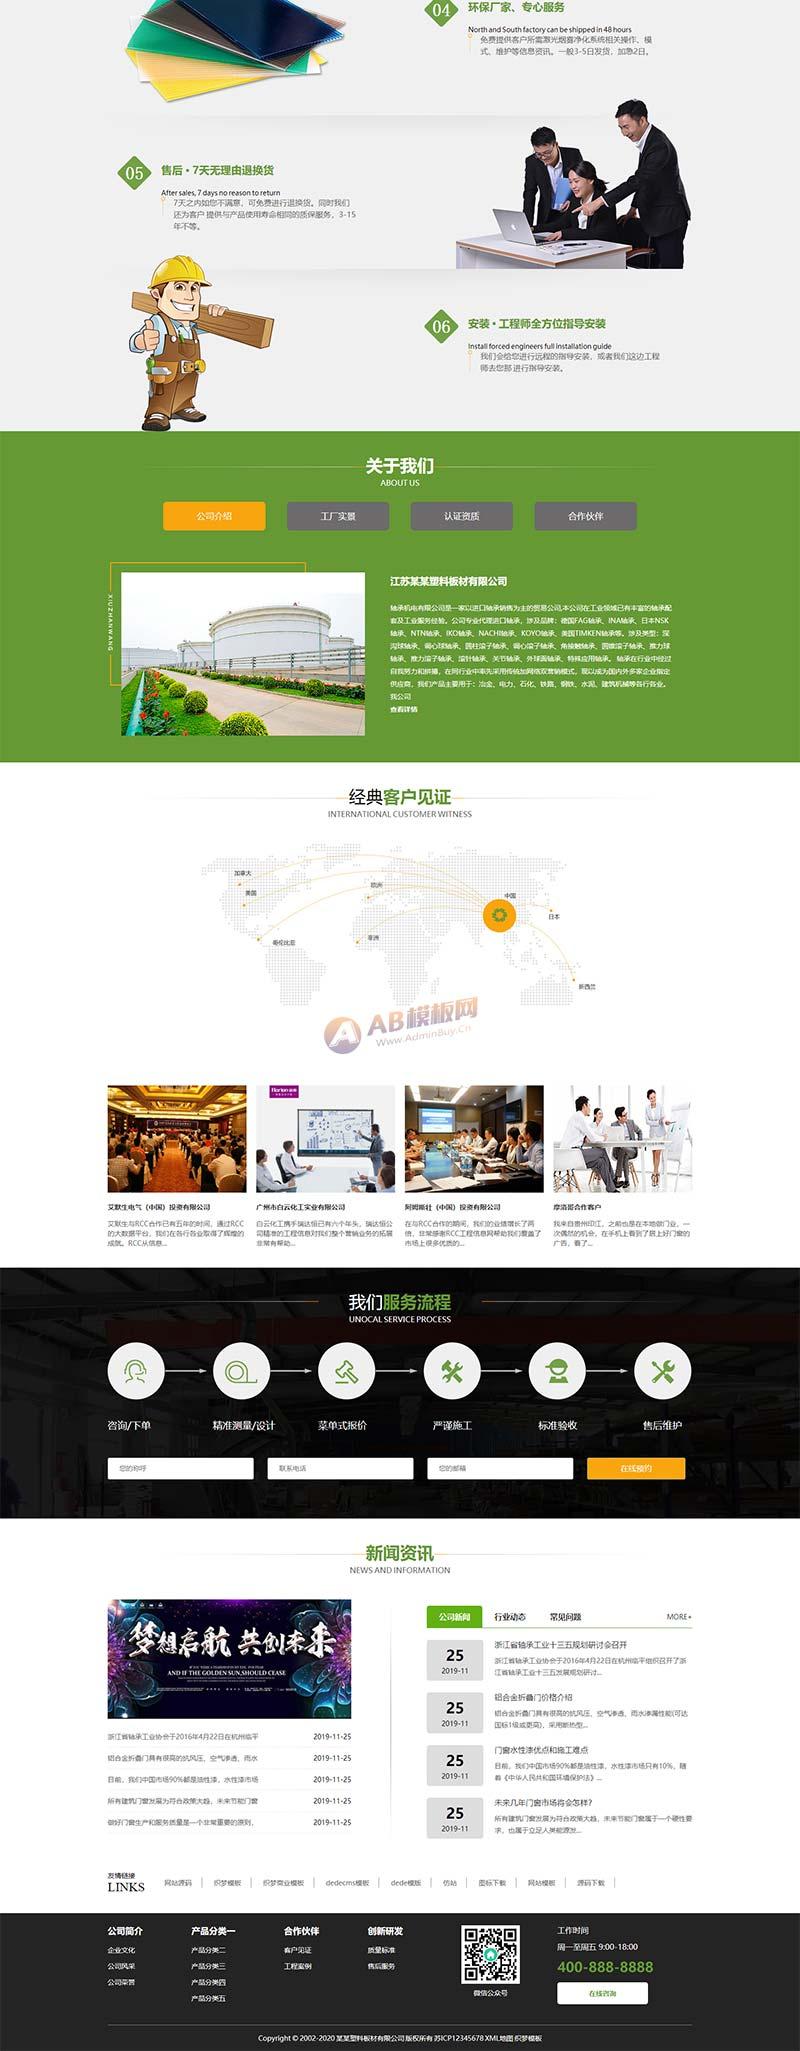 (带手机版数据同步)营销型塑料板材净化环保设备类网站织梦模板 绿色环保五金板材网站模板下载